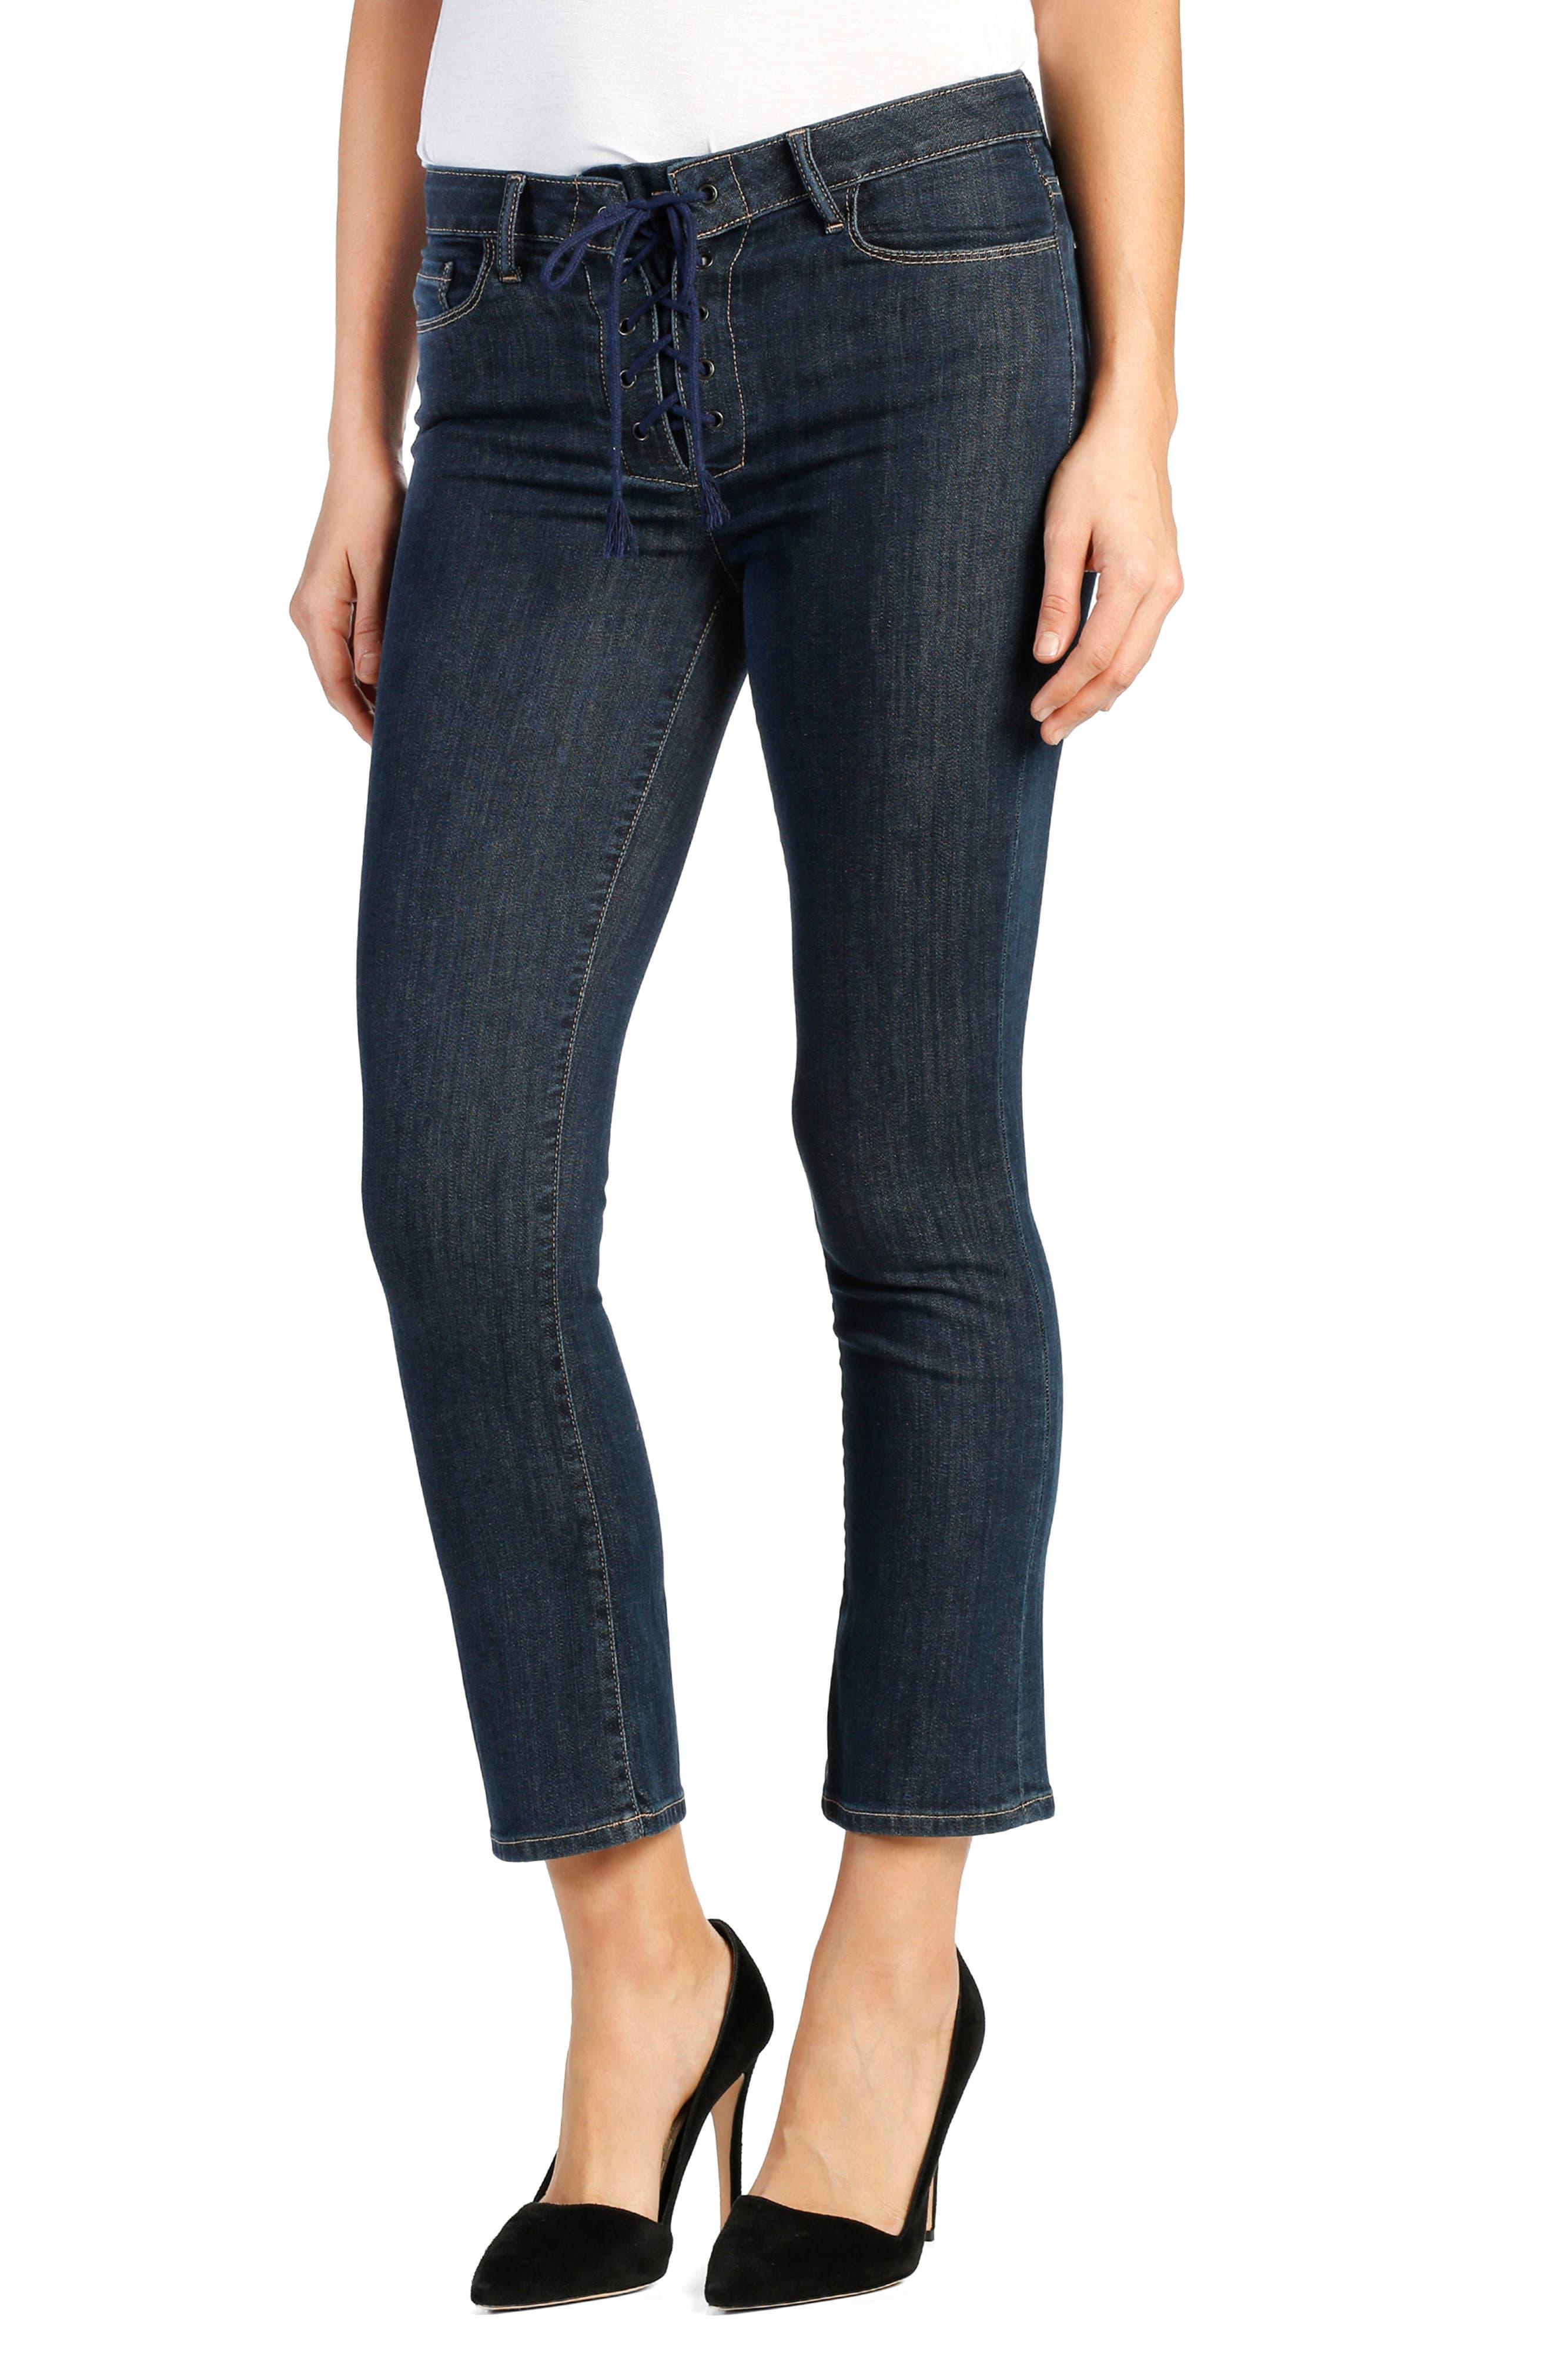 Legacy - Colette High Rise Lace-Up Crop Jeans,                             Main thumbnail 1, color,                             400